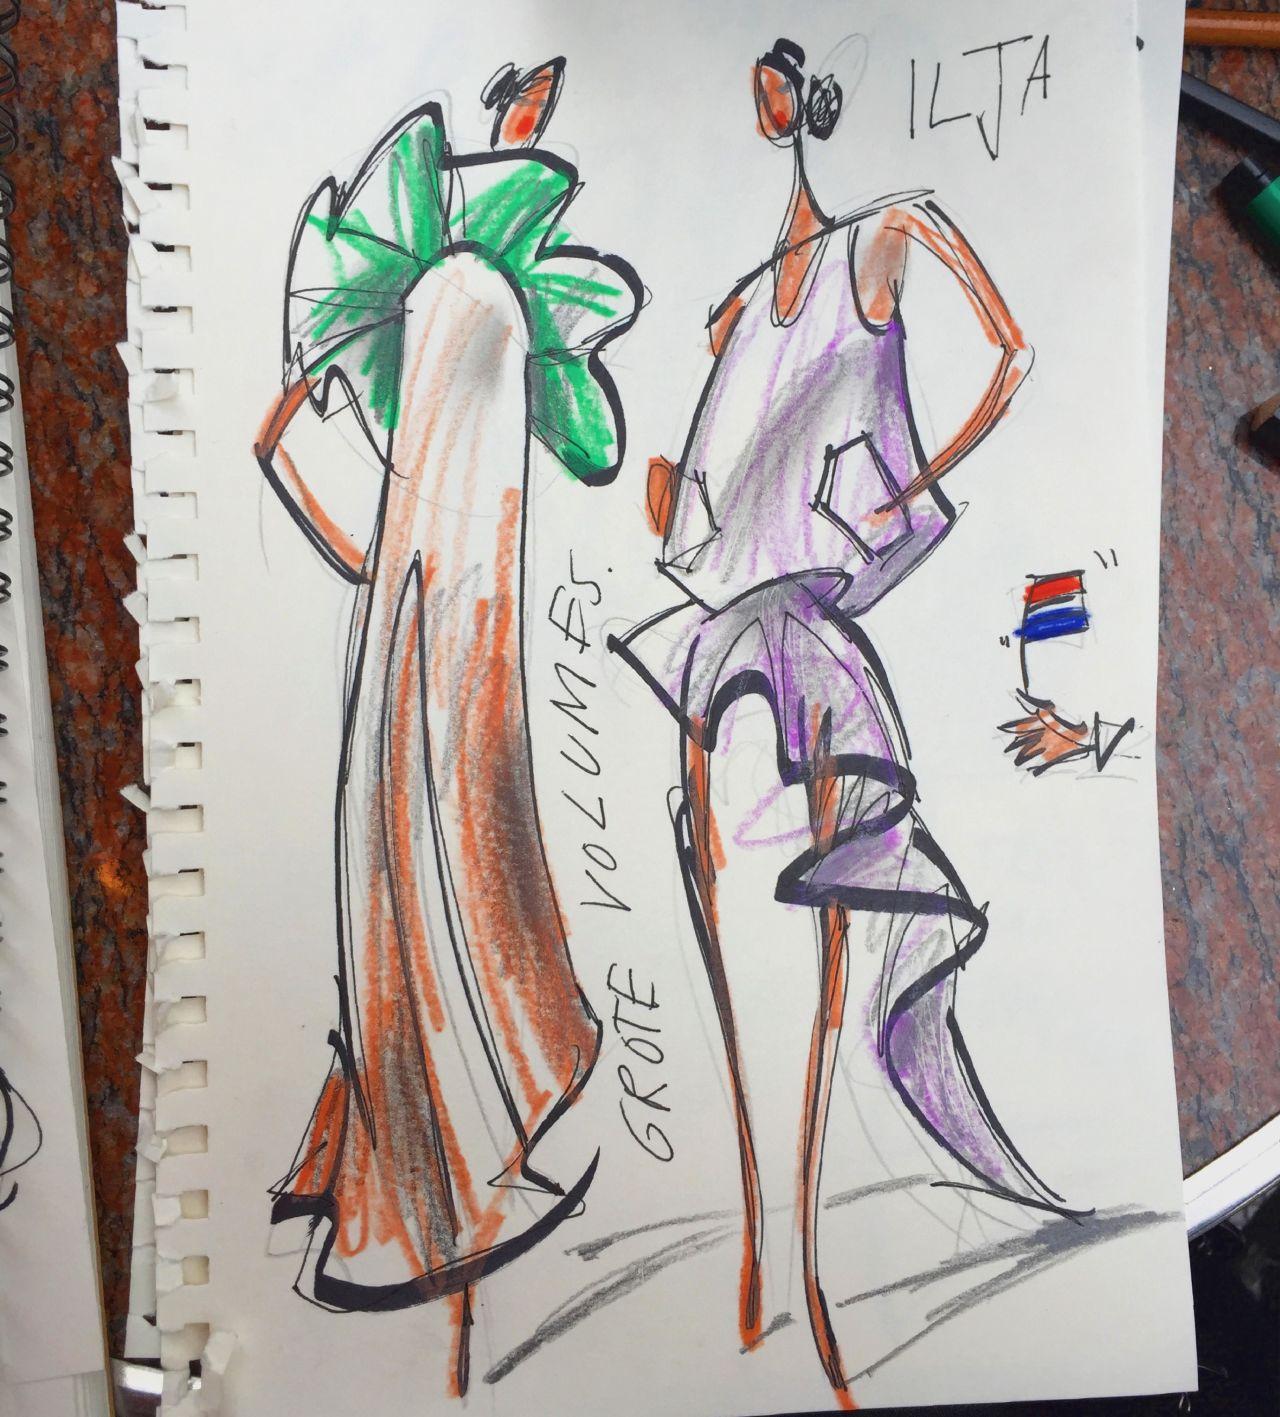 Mode Tekeningen van Piet Paris